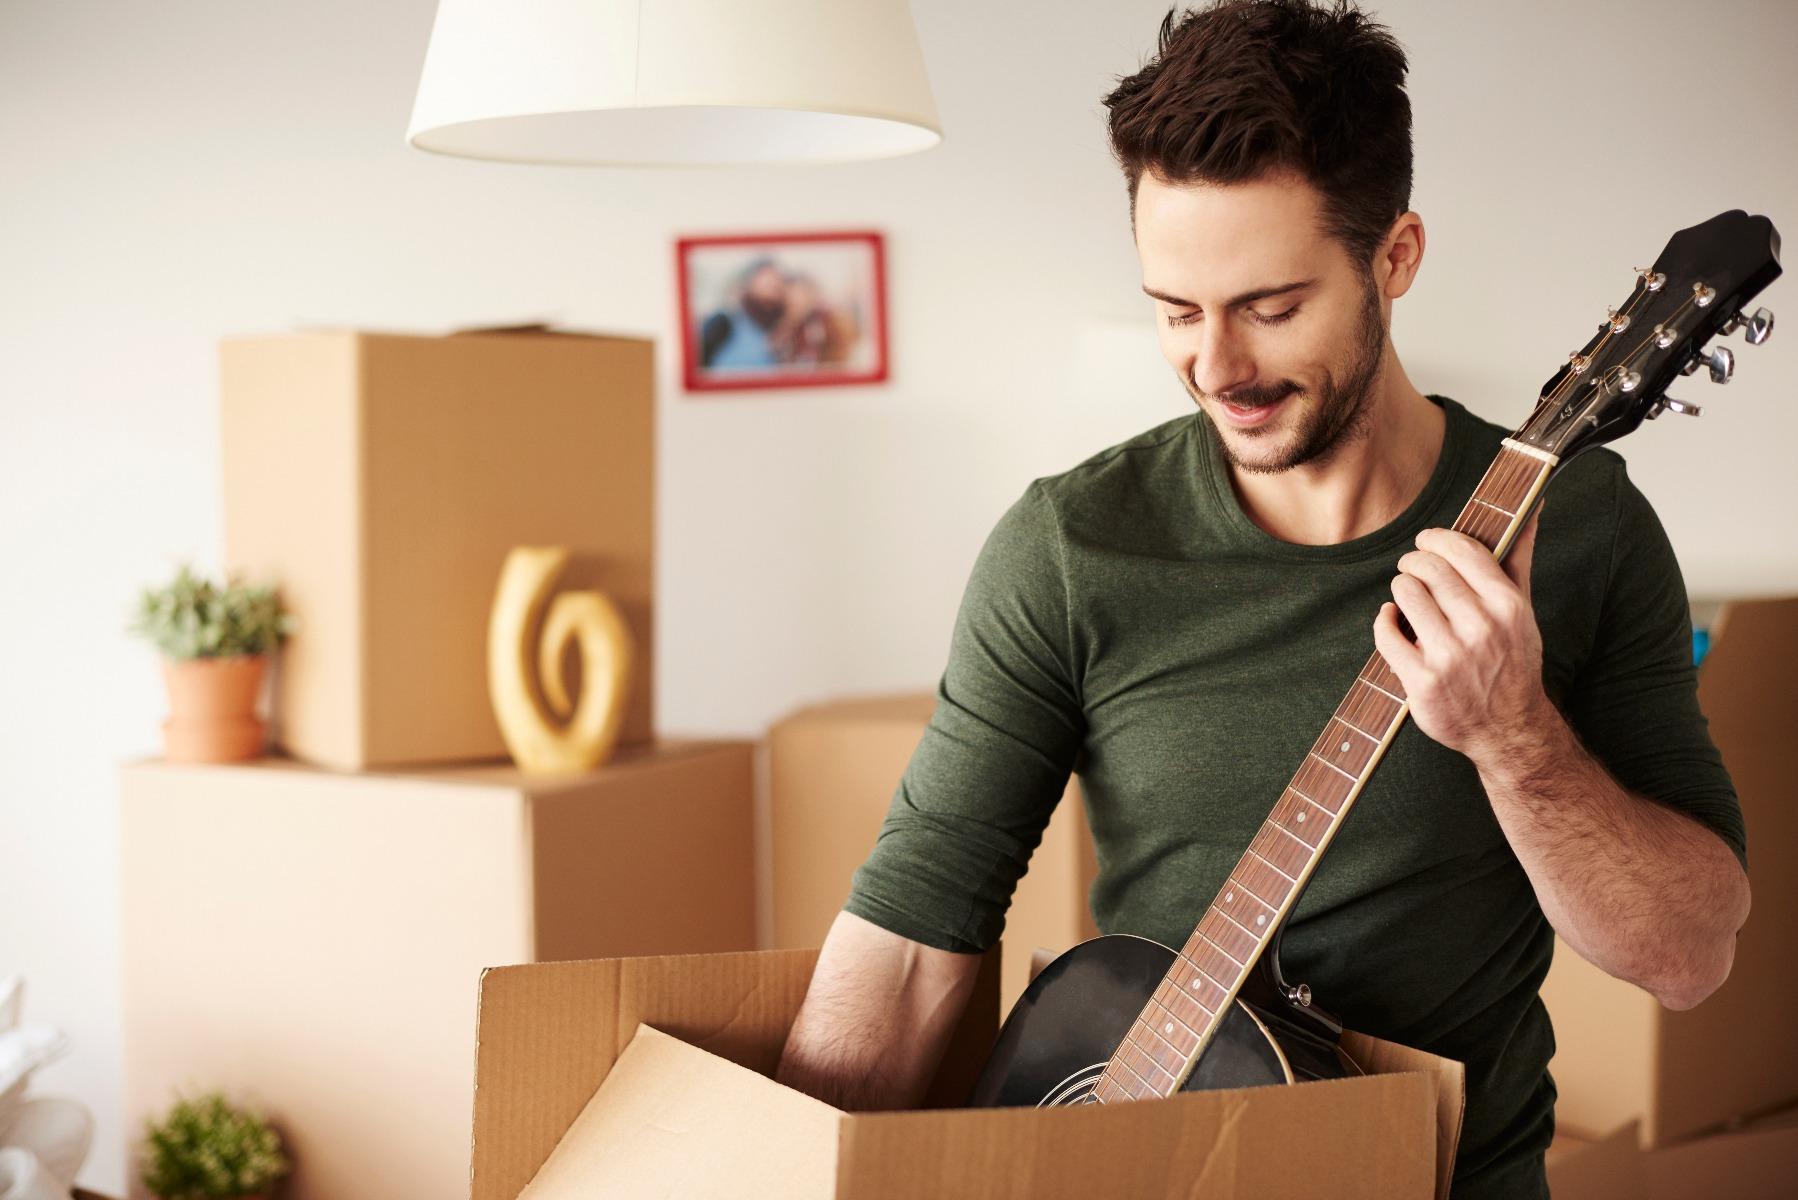 Mann packt Gitarre aus